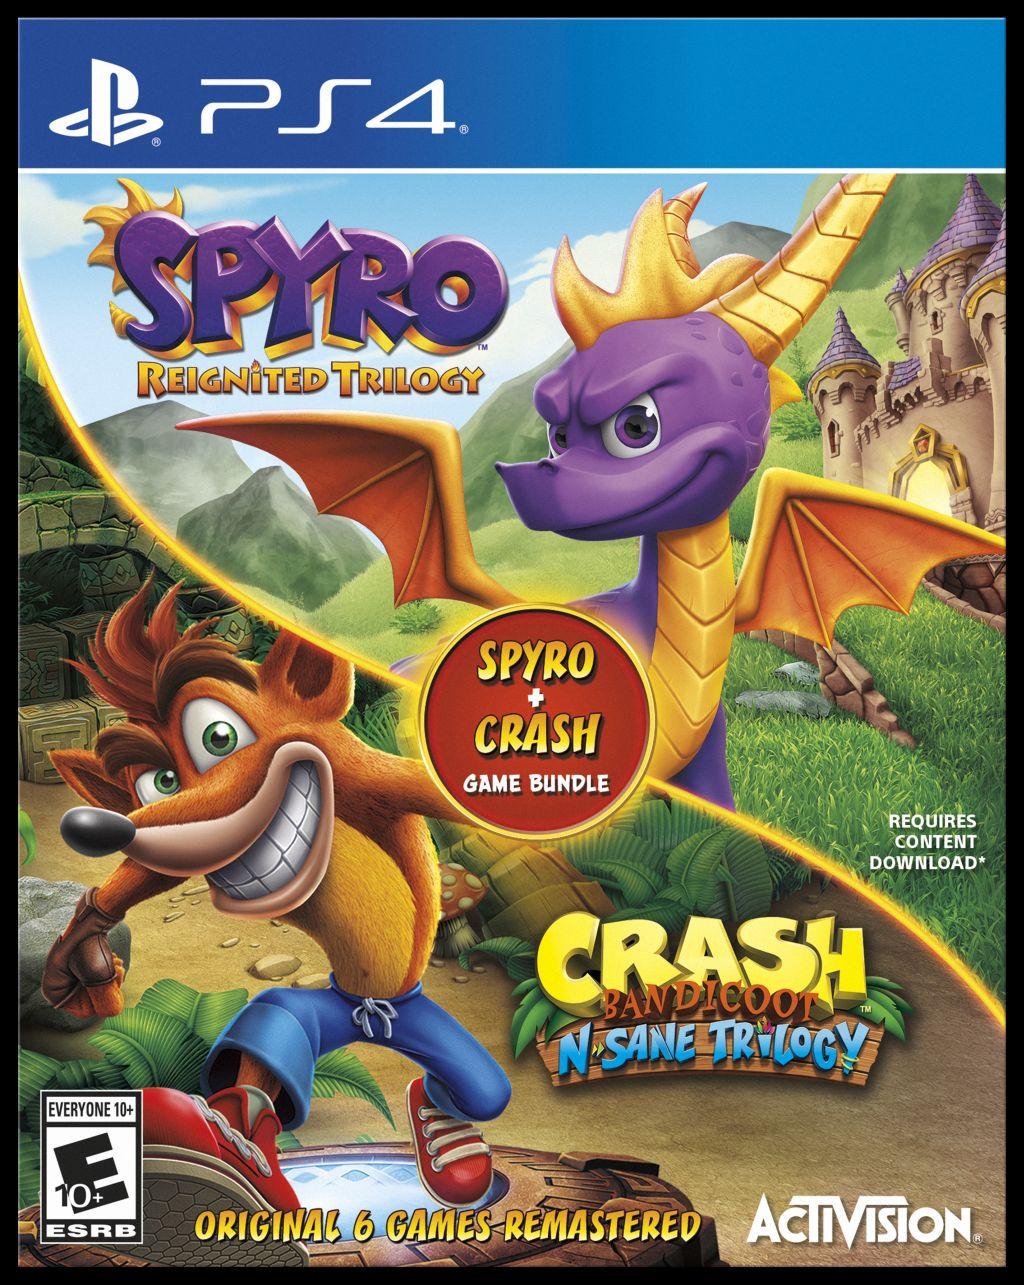 Kolekce Spyra a Crashe v jednom balení Spyro a Crash kompilace